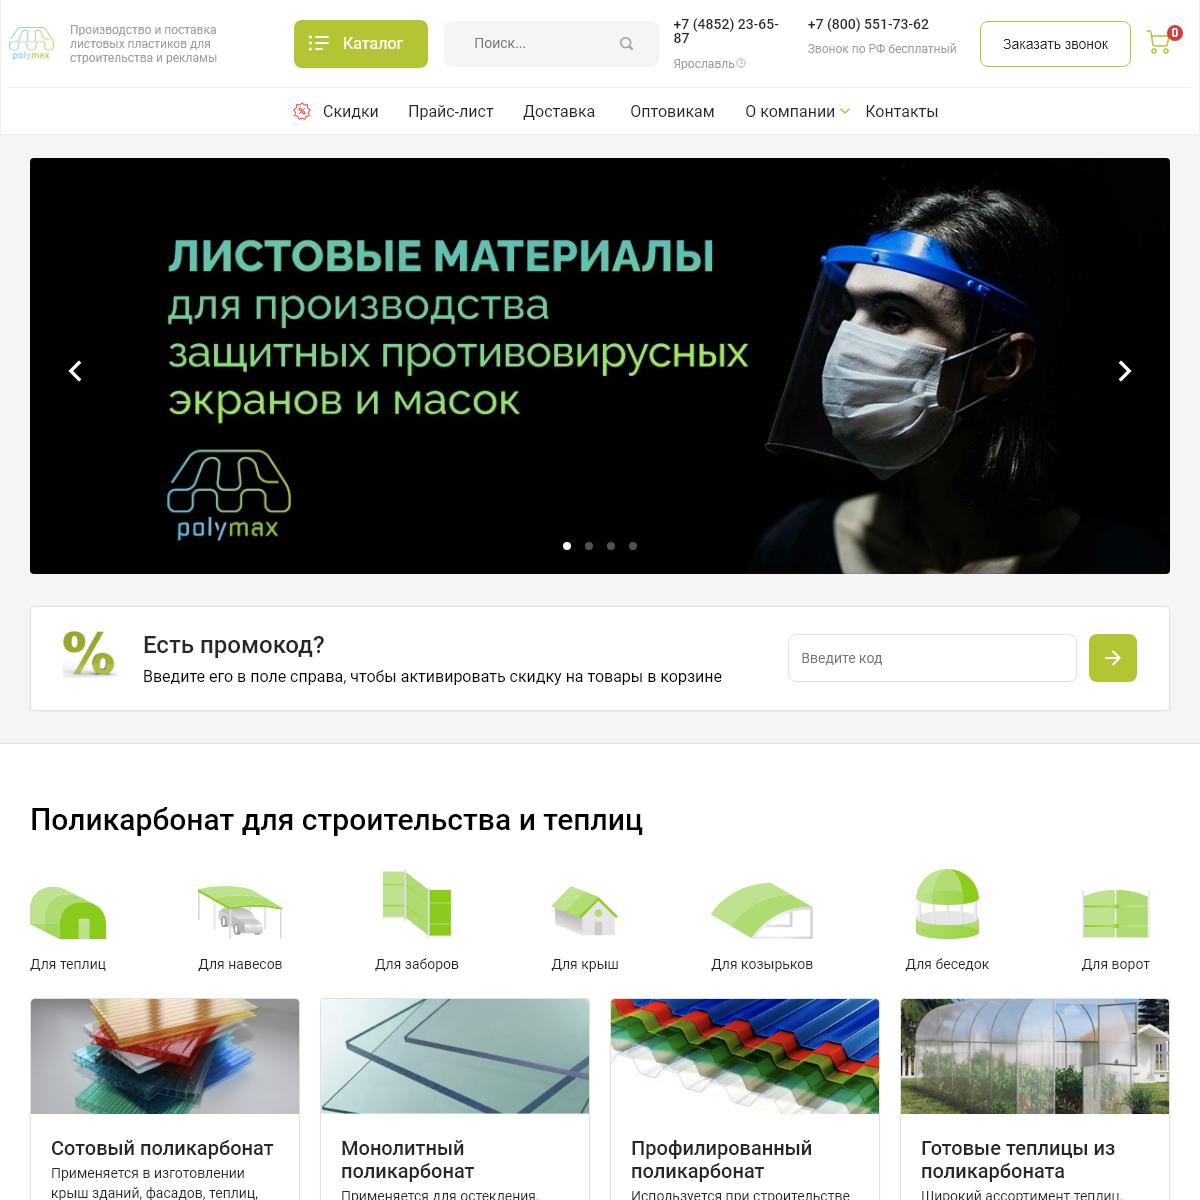 Продажа листовых пластиков для любой отрасли в Санкт-Петербурге - Пол�